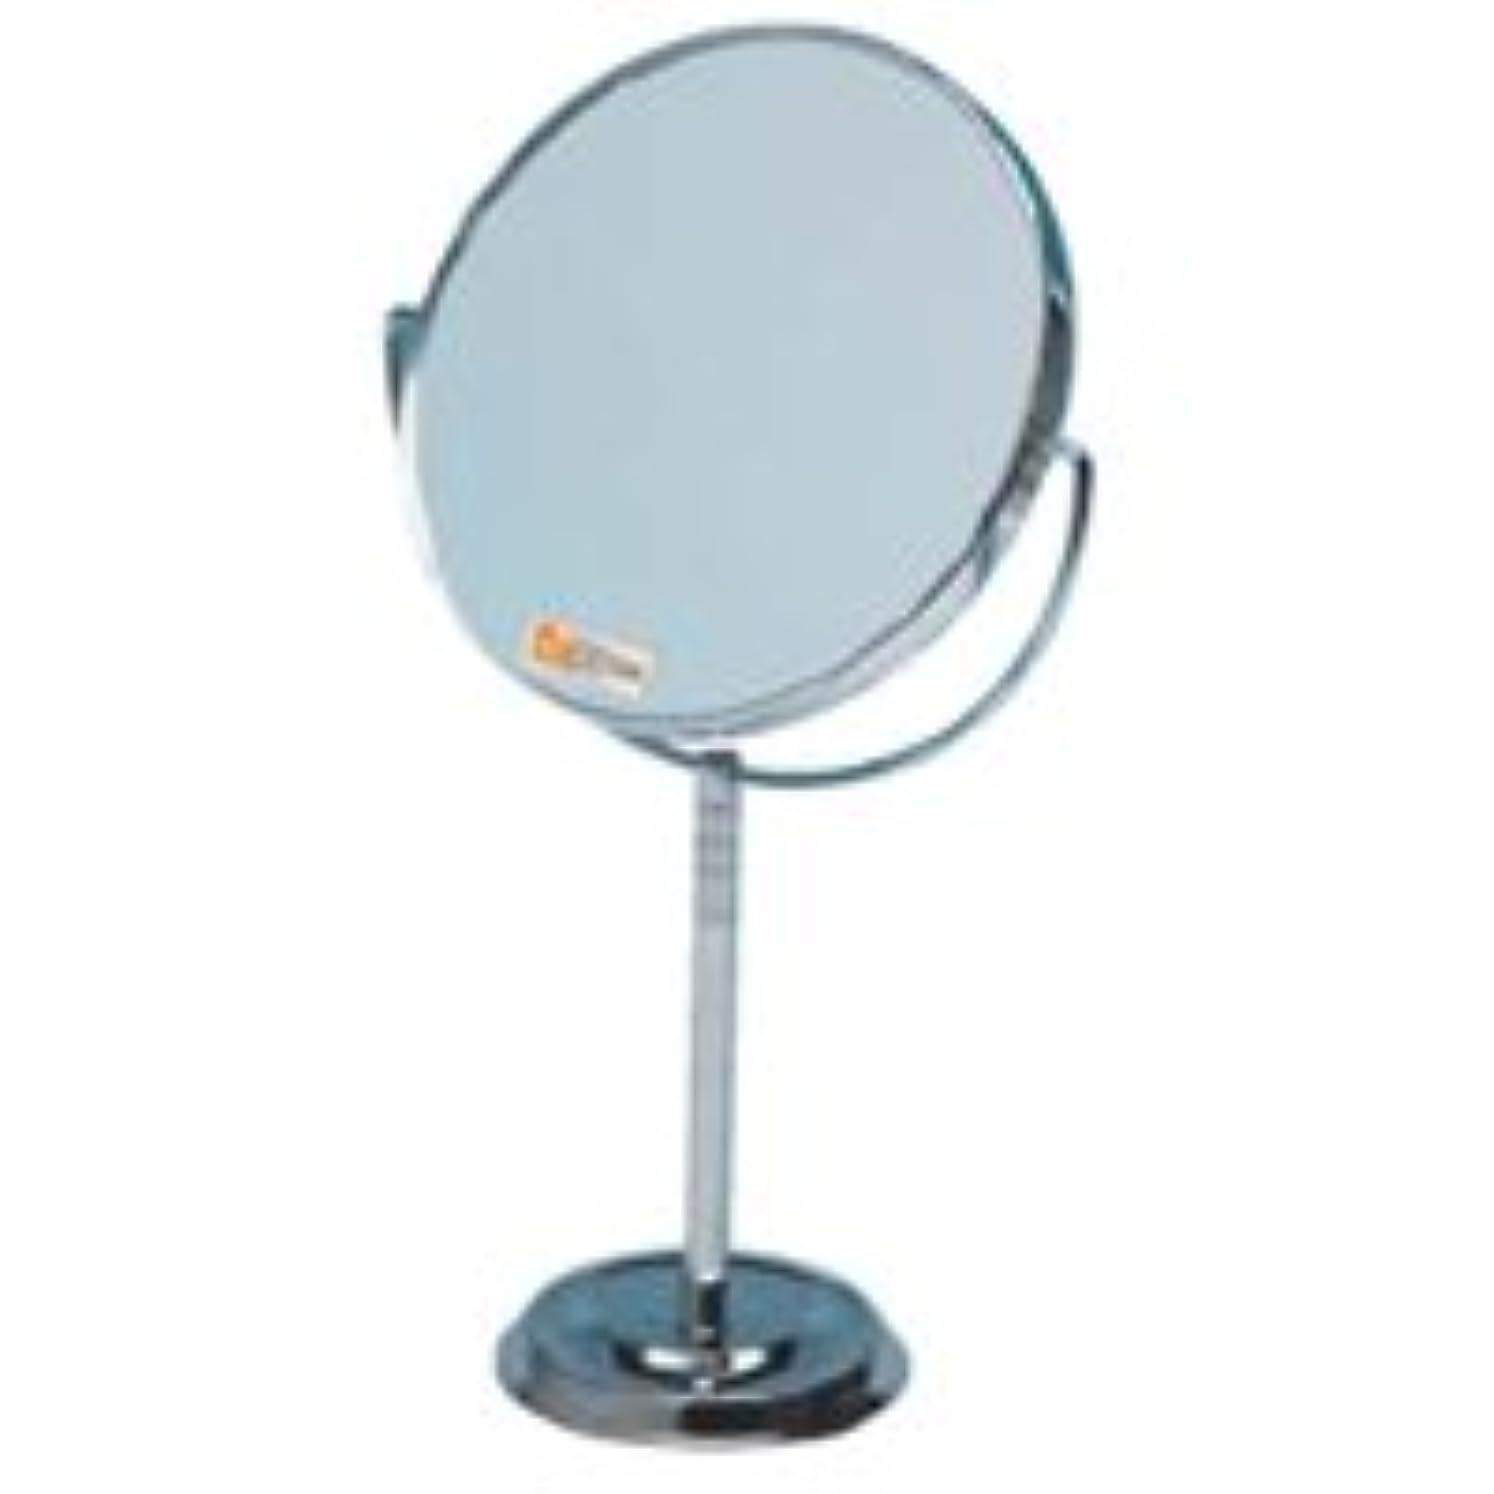 鼻石の幽霊卓上ミラー 拡大鏡 メイク スタンドミラー 卓上 拡大鏡 メイク 拡大ミラー ナピュアミラー 鏡 リアルズームアップ プラス 7倍 RS-07 両面 スタンドミラー 卓上 堀内鏡工業